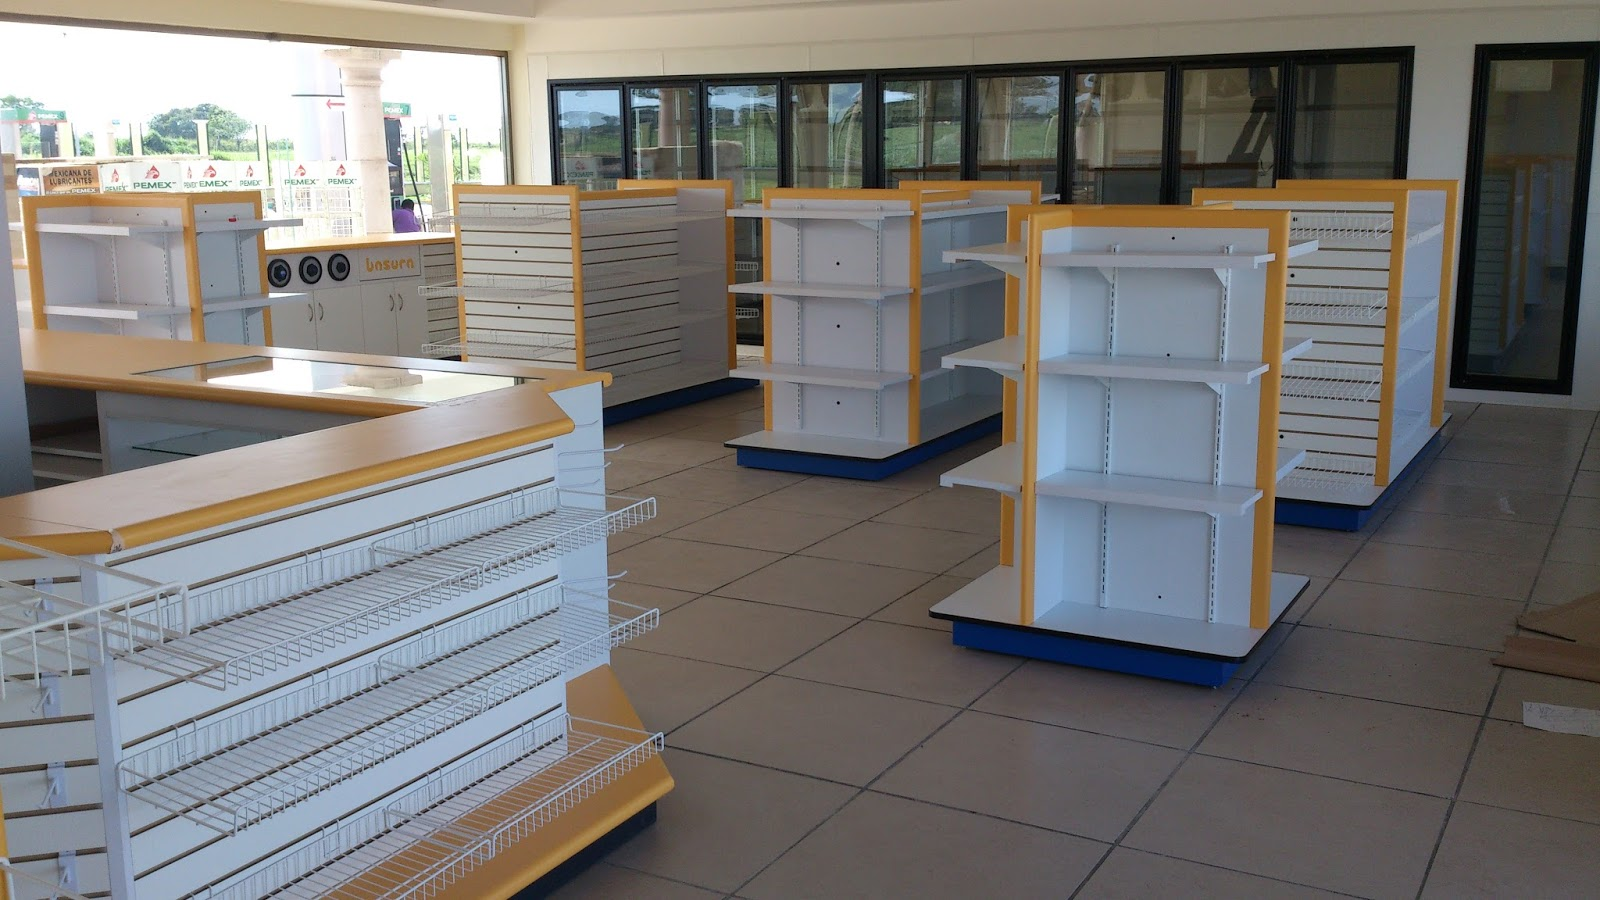 Muebles de tiendas mobiliario de tiendas tipo oxxo - Muebles de chapa metalica ...